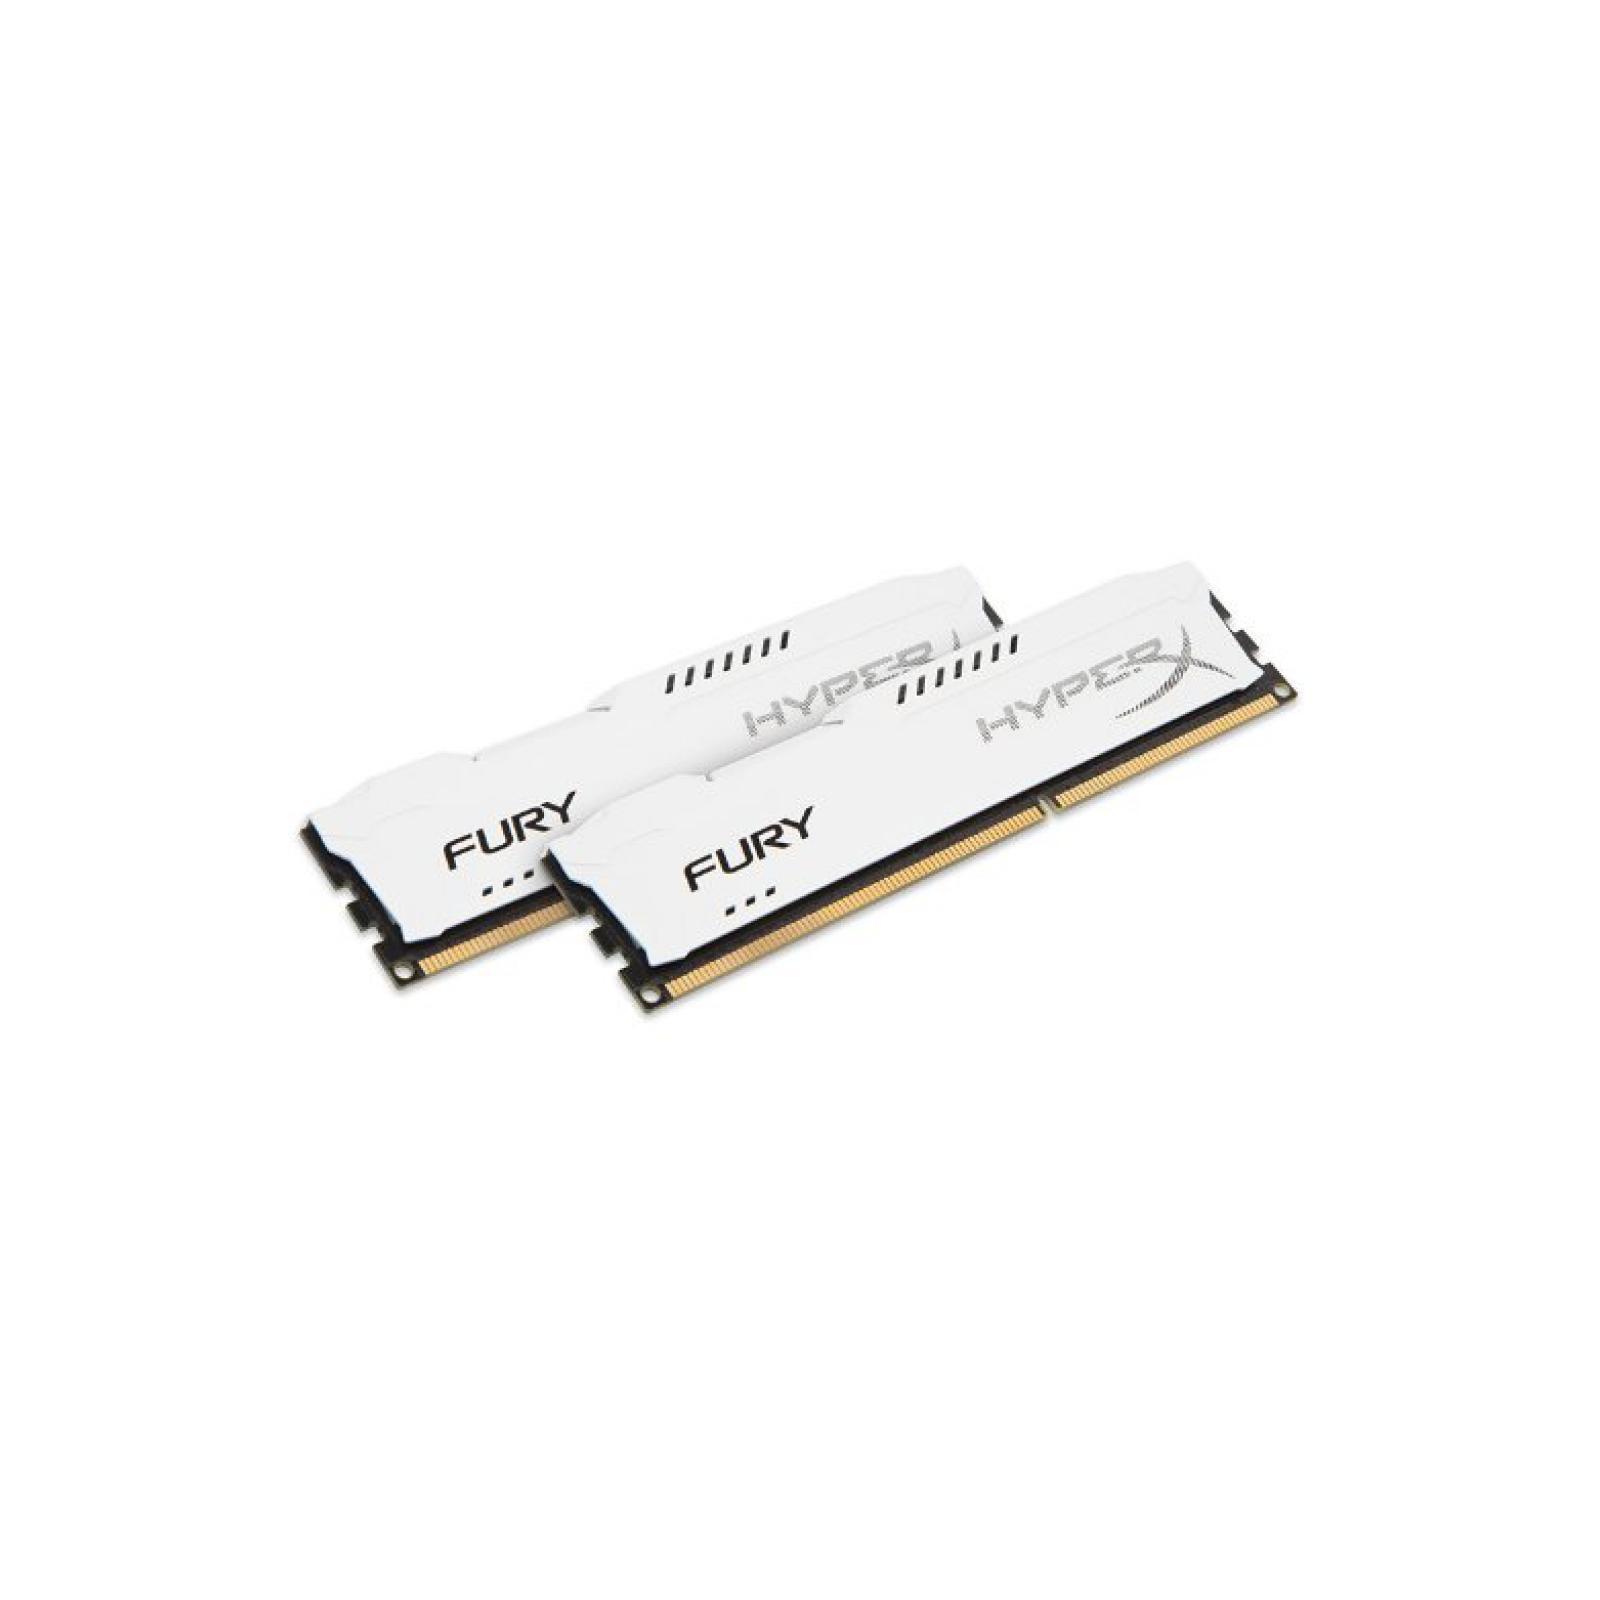 Модуль памяти для компьютера DDR4 32GB (2x16GB) 2933 MHz HyperX FURY White HyperX (Kingston Fury) (HX429C17FWK2/32) изображение 2